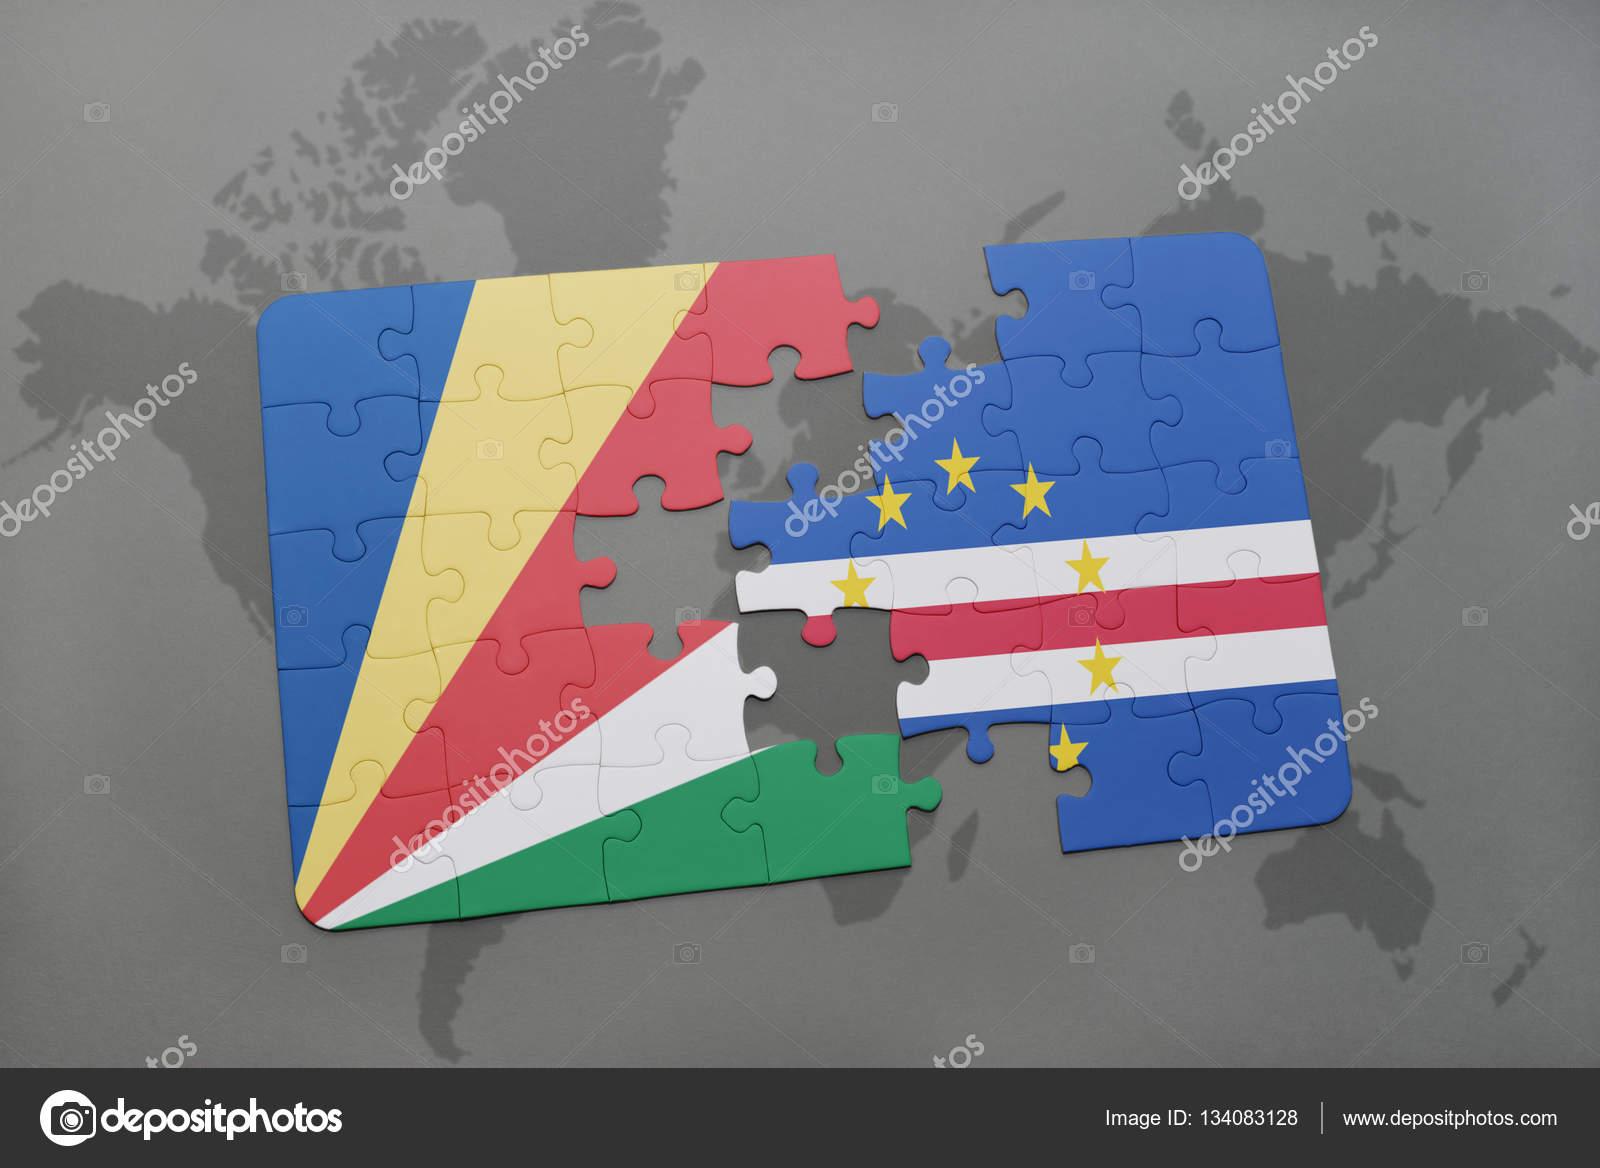 Rompecabezas Con La Bandera Nacional De Seychelles Y De Cabo